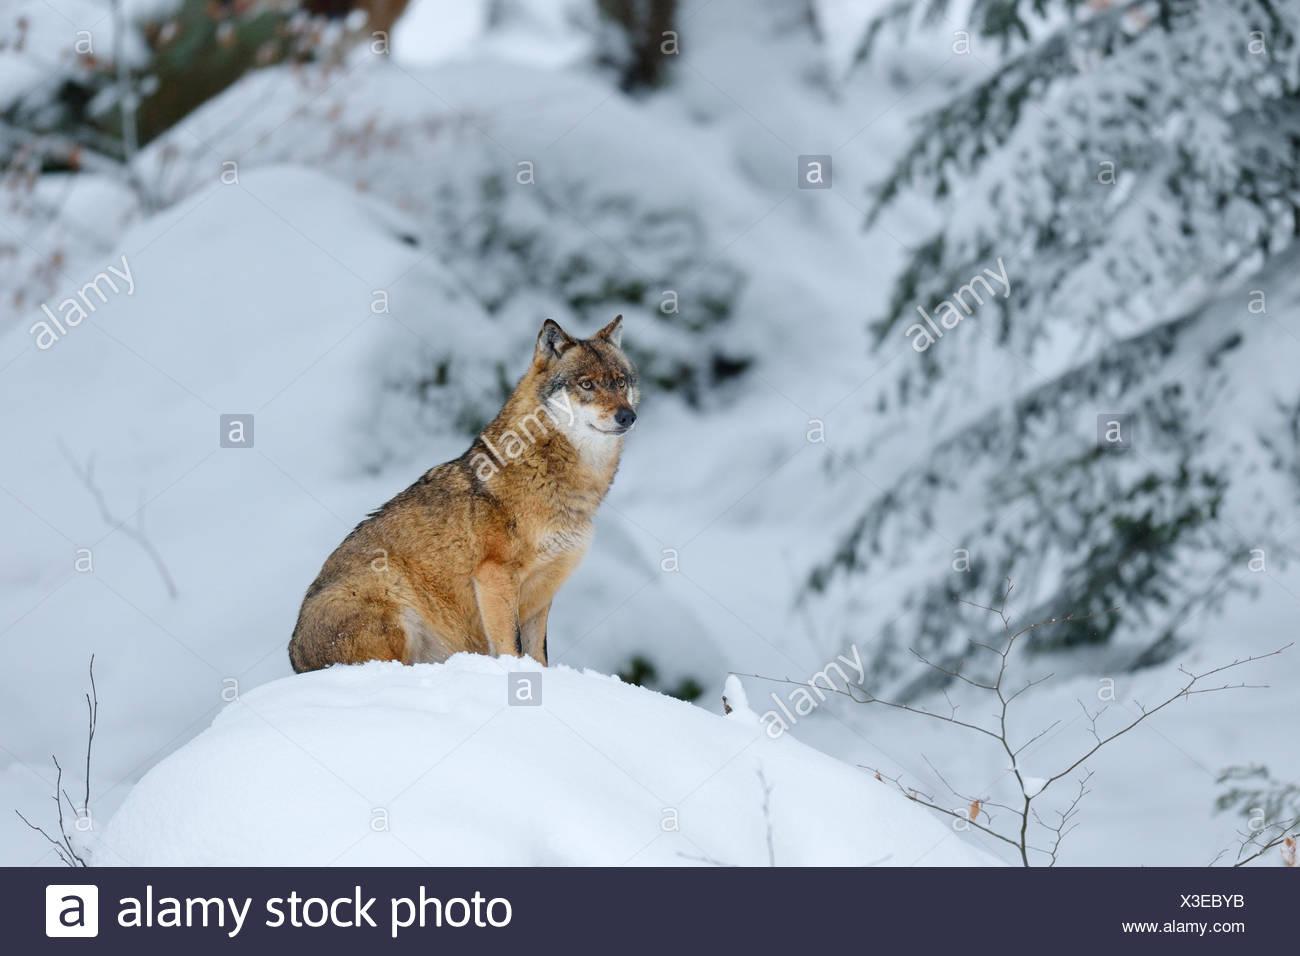 Lobo gris (Canis lupus) sentada sobre un cerro nevado, recintos al aire libre de animales en cautiverio, Parque Nacional del Bosque Bávaro, Baviera Imagen De Stock